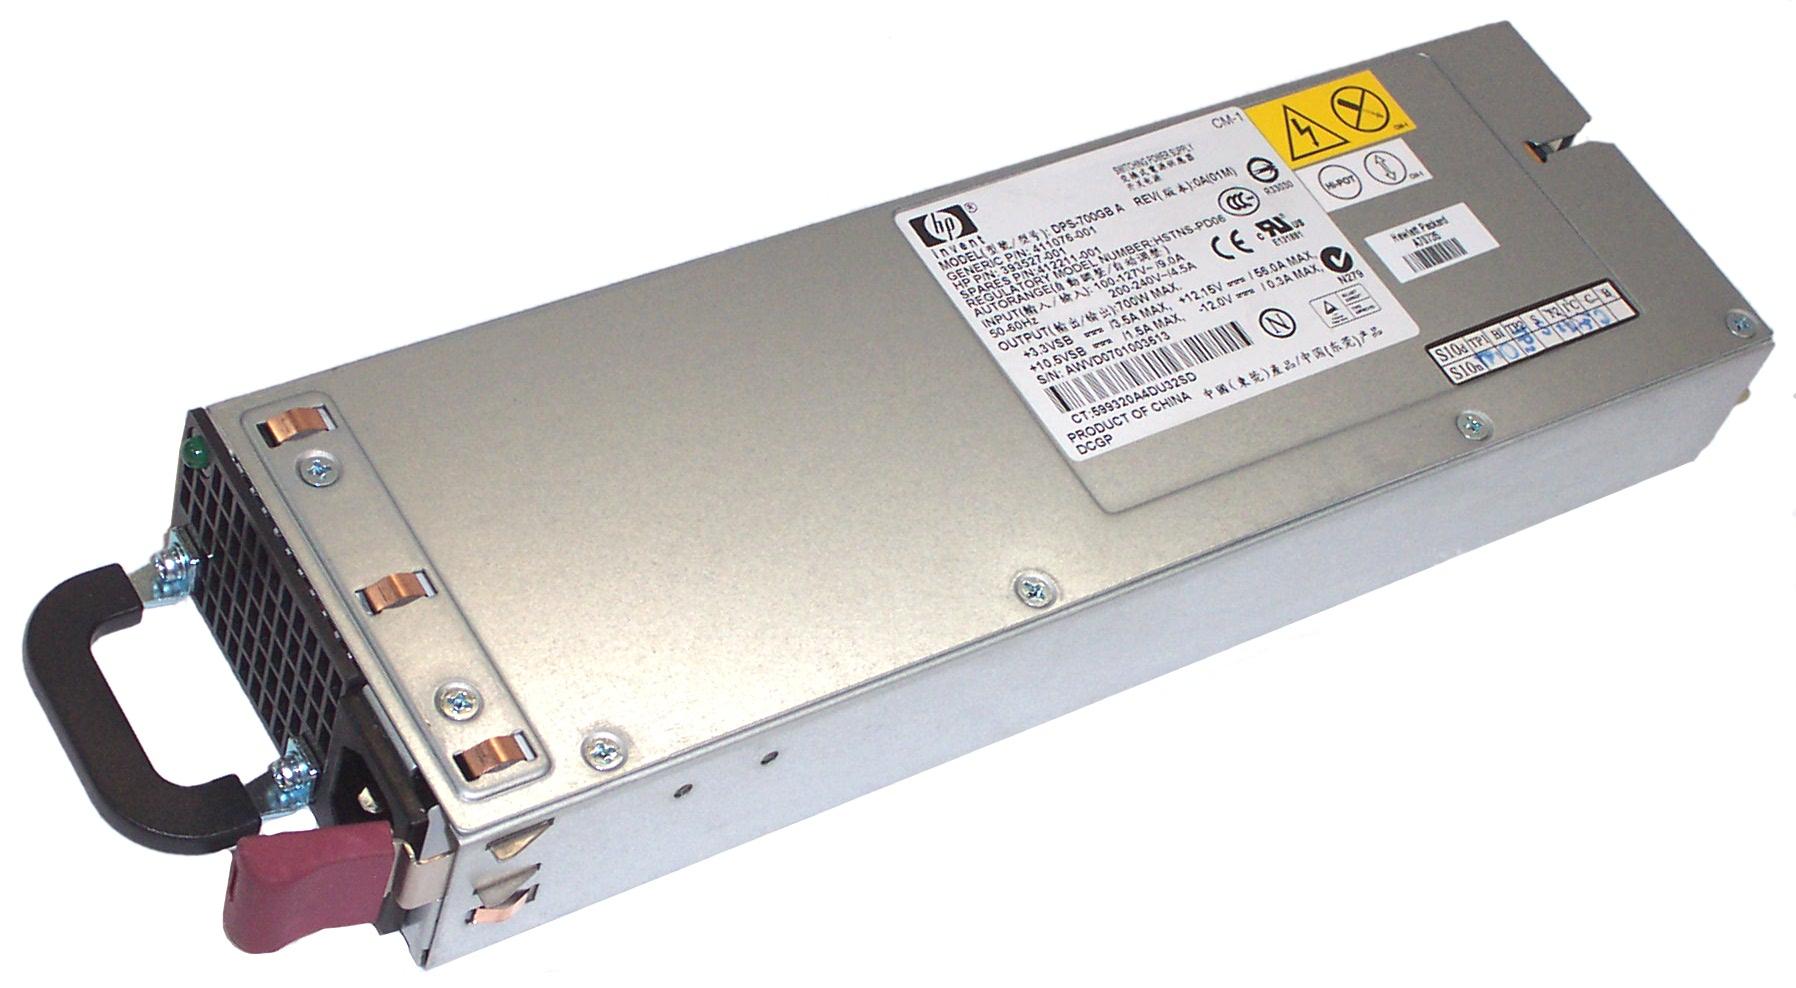 Hp 412211 001 Proliant Dl360 G5 700w Power Supply 393527